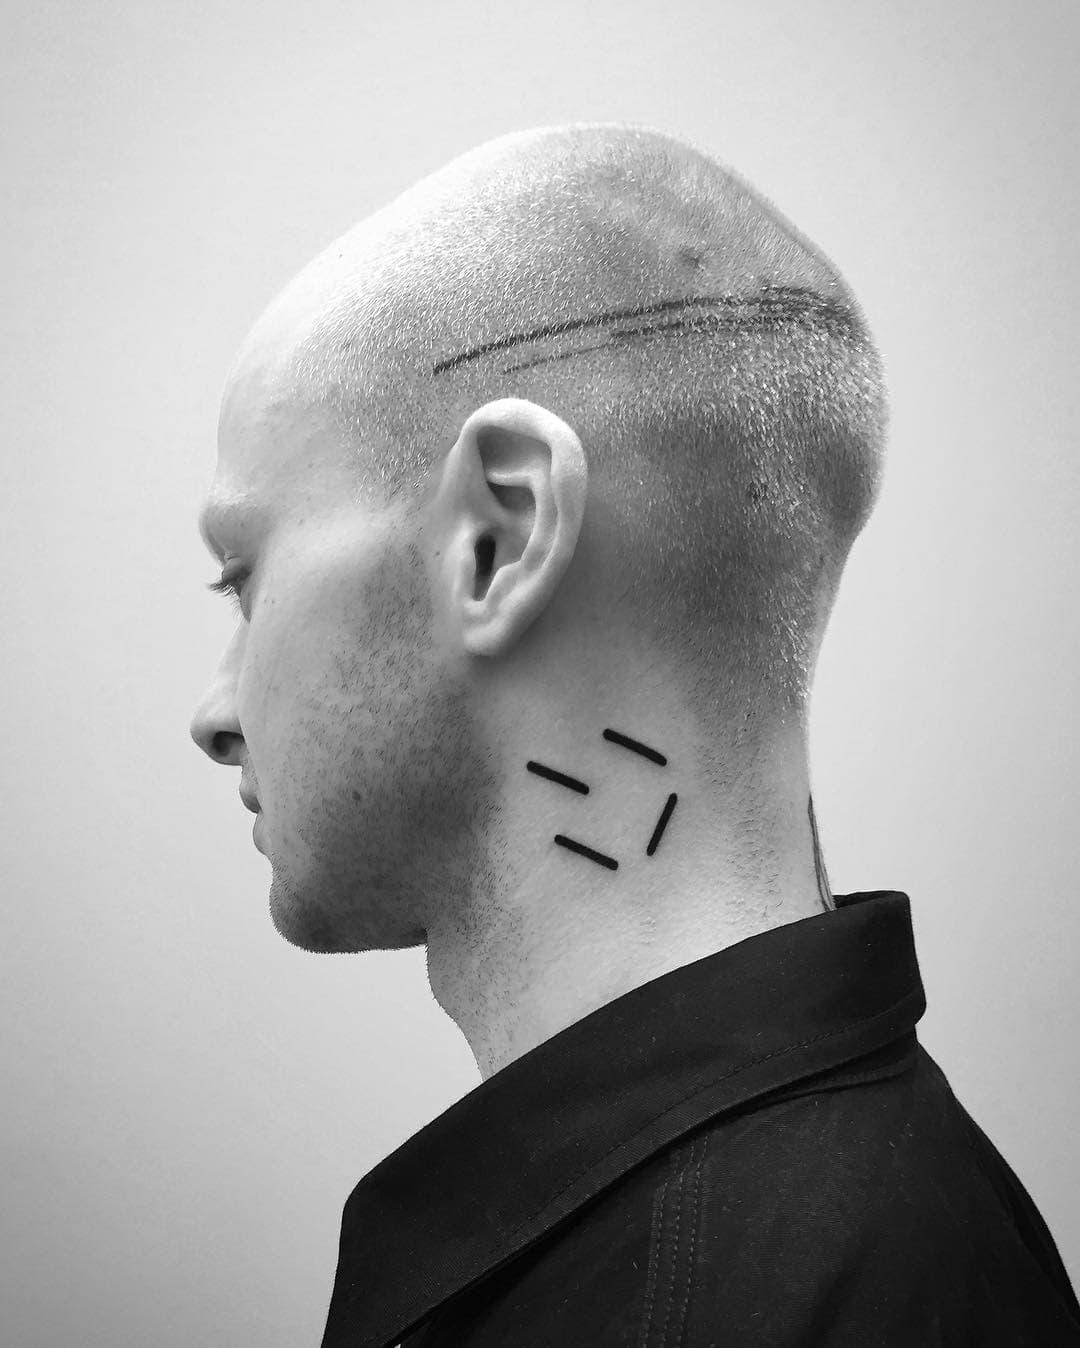 tendencias para tatuagem 2021 6 dedos